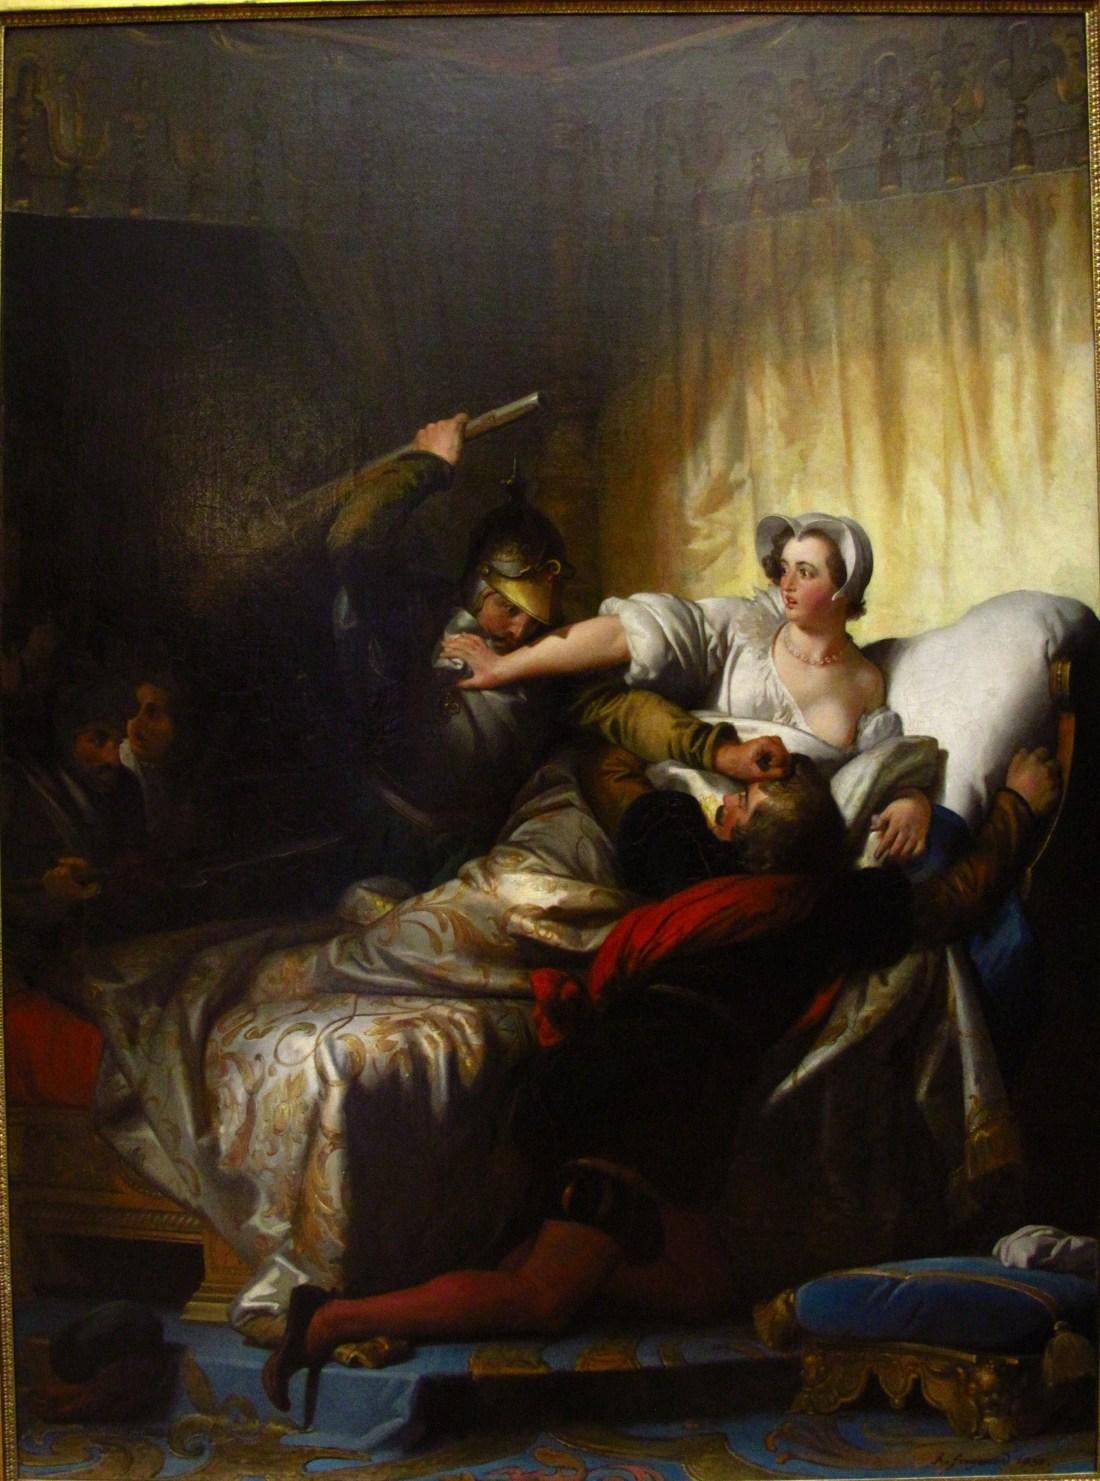 Alexandre-Évariste_Fragonard_-_Scène_du_massacre_de_la_Saint-Barthélémy_(1836)